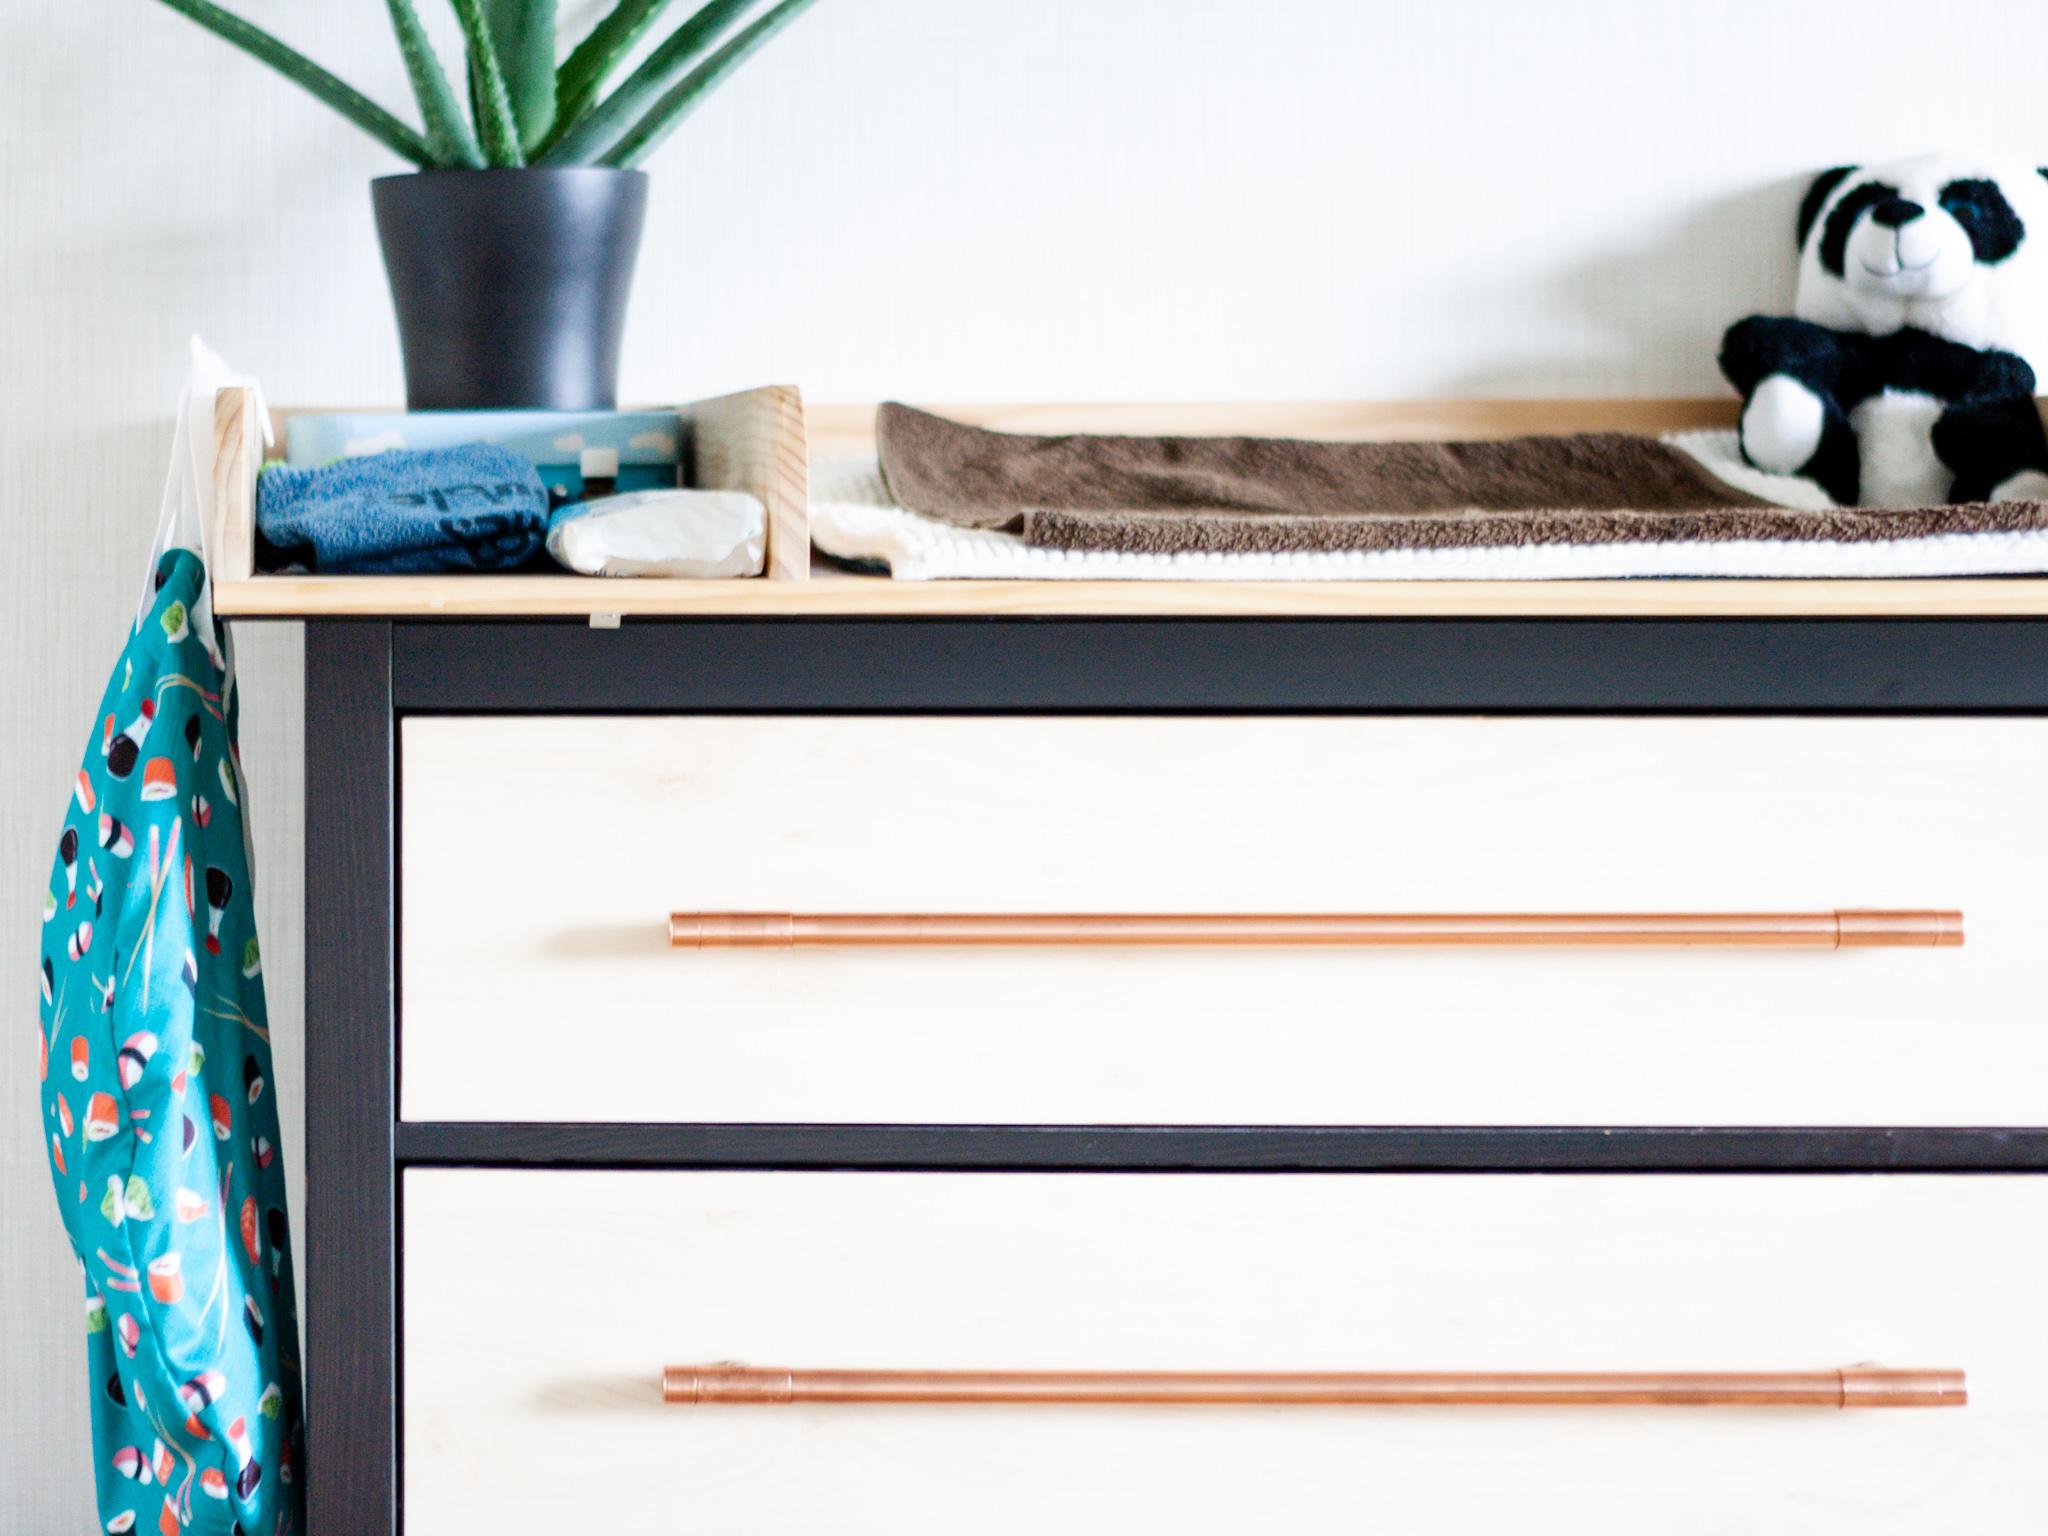 Full Size of Möbelgriffe Ikea Kupfer Mbelgriffe Selber Machen Miniküche Betten 160x200 Küche Kosten Bei Modulküche Sofa Mit Schlaffunktion Kaufen Wohnzimmer Möbelgriffe Ikea